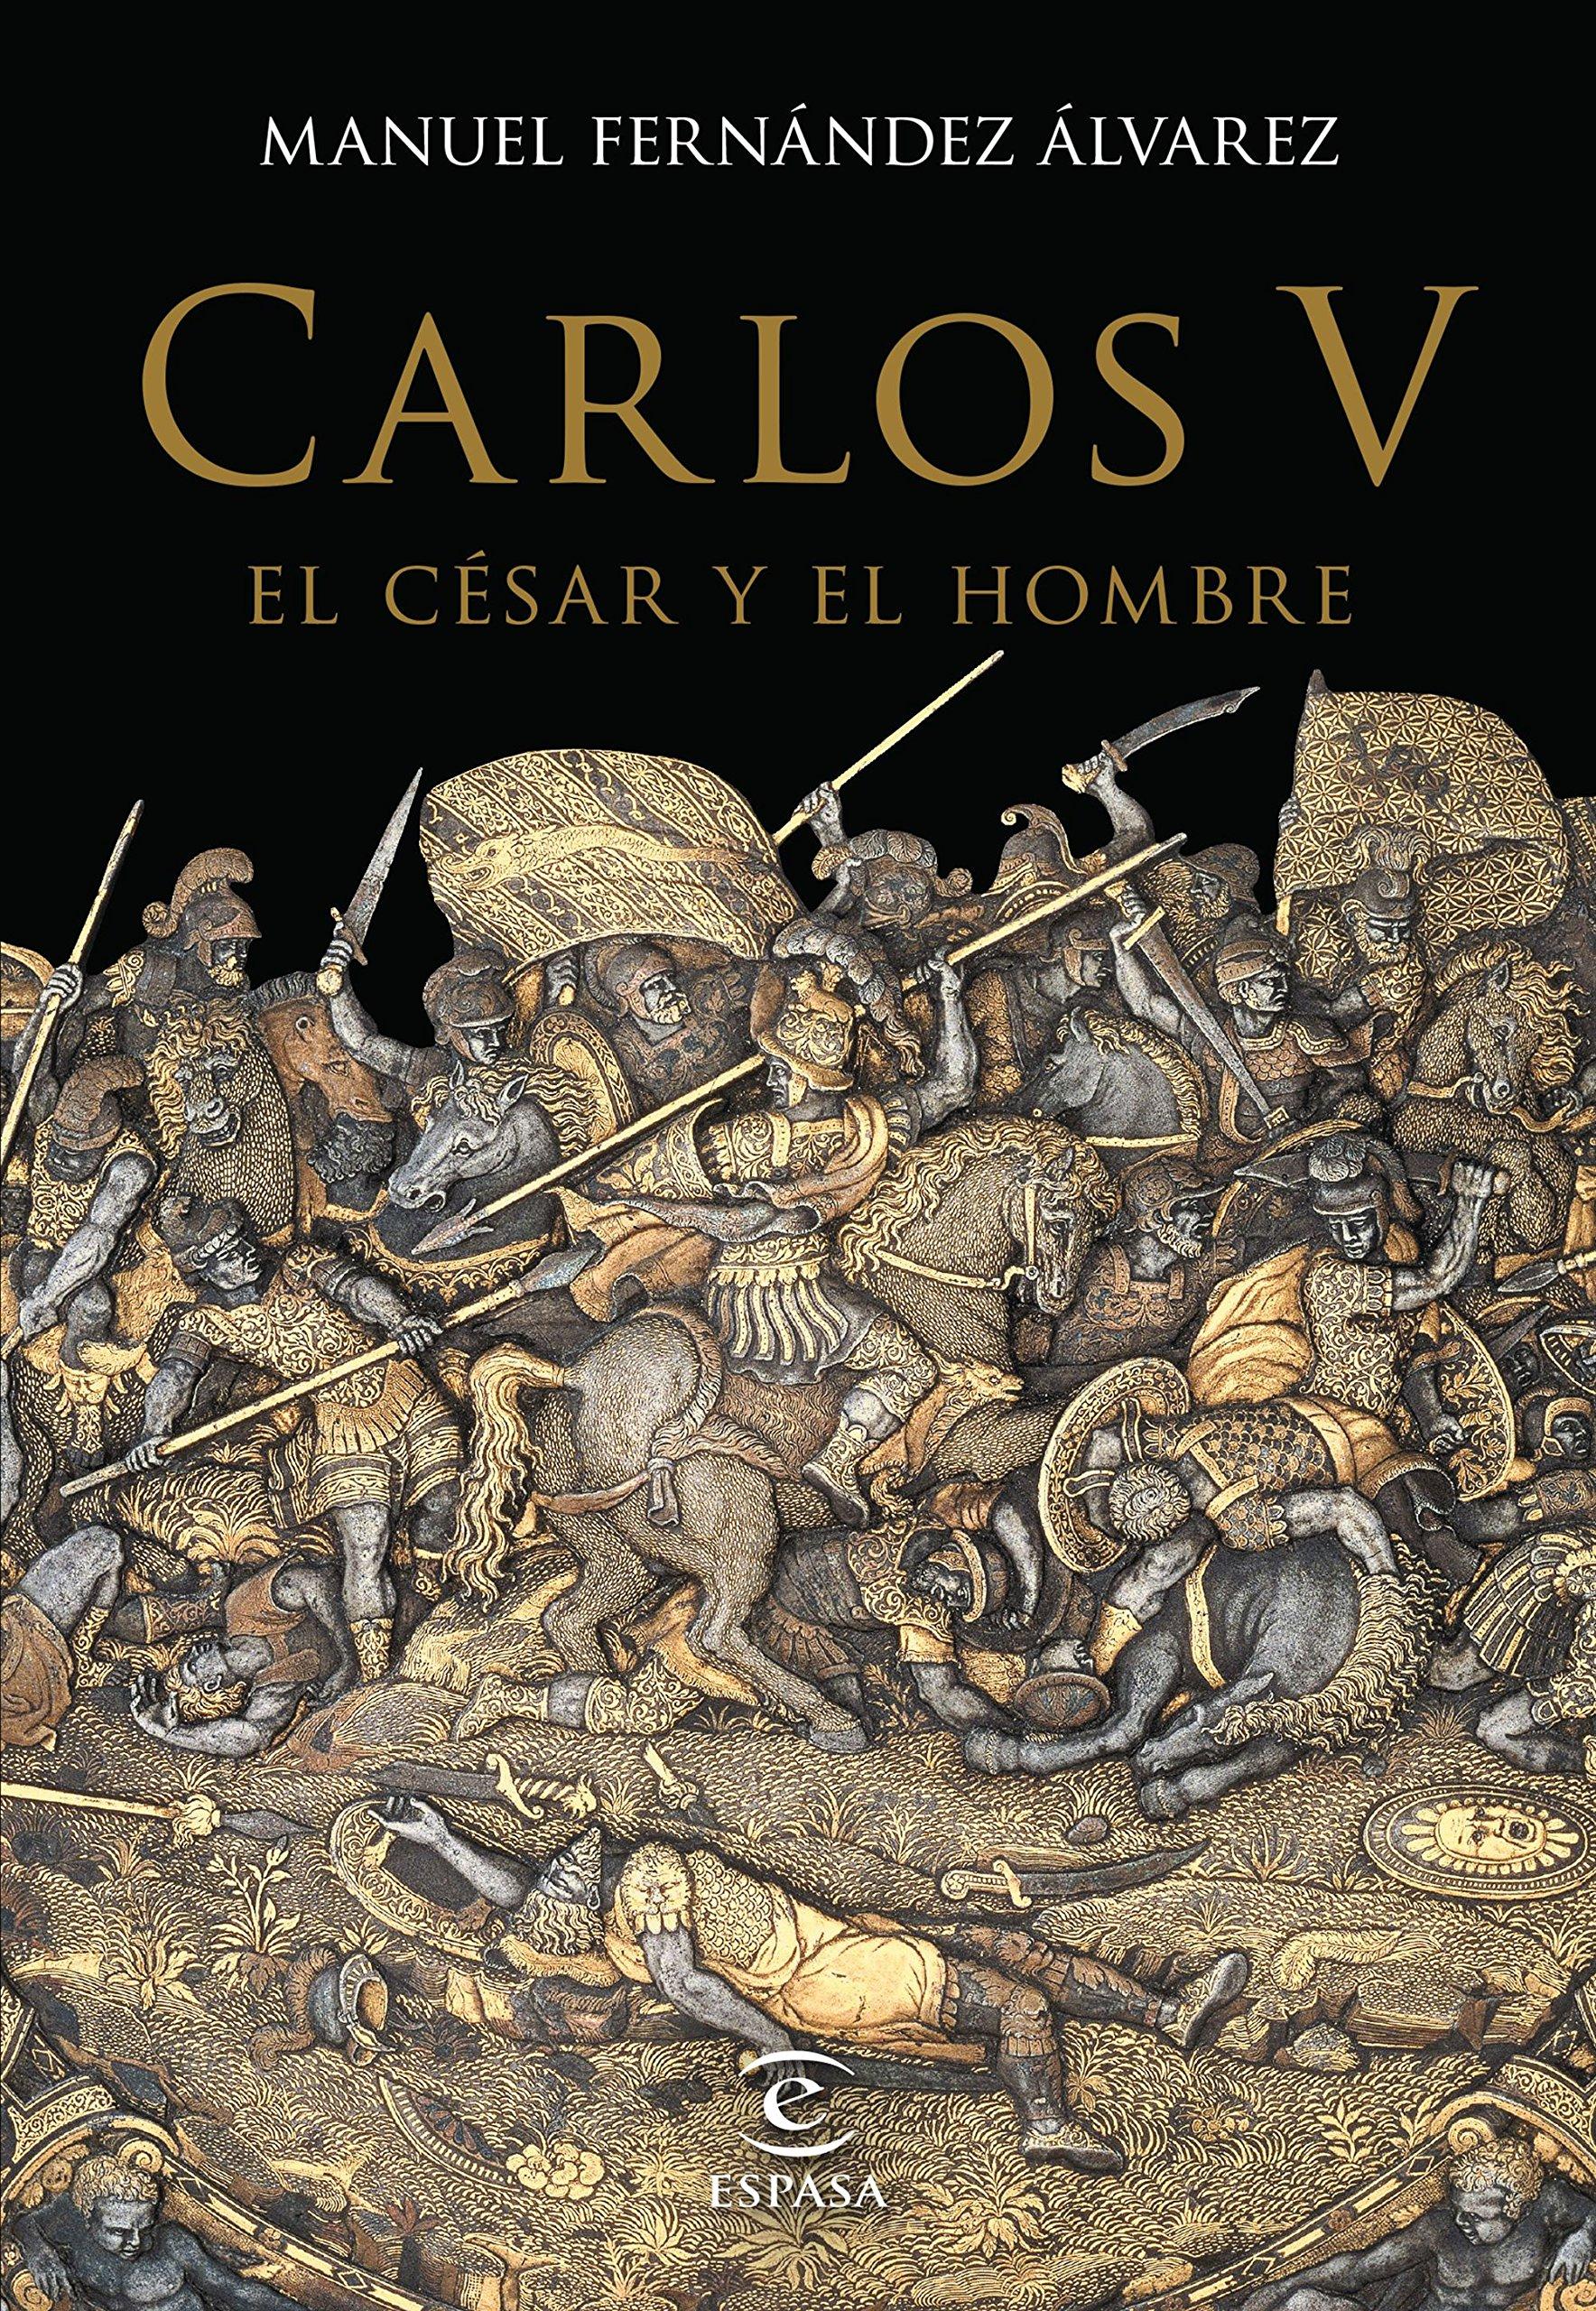 Carlos V, el césar y el hombre (BIOGRAFIAS): Amazon.es: Fernández Álvarez, Manuel: Libros